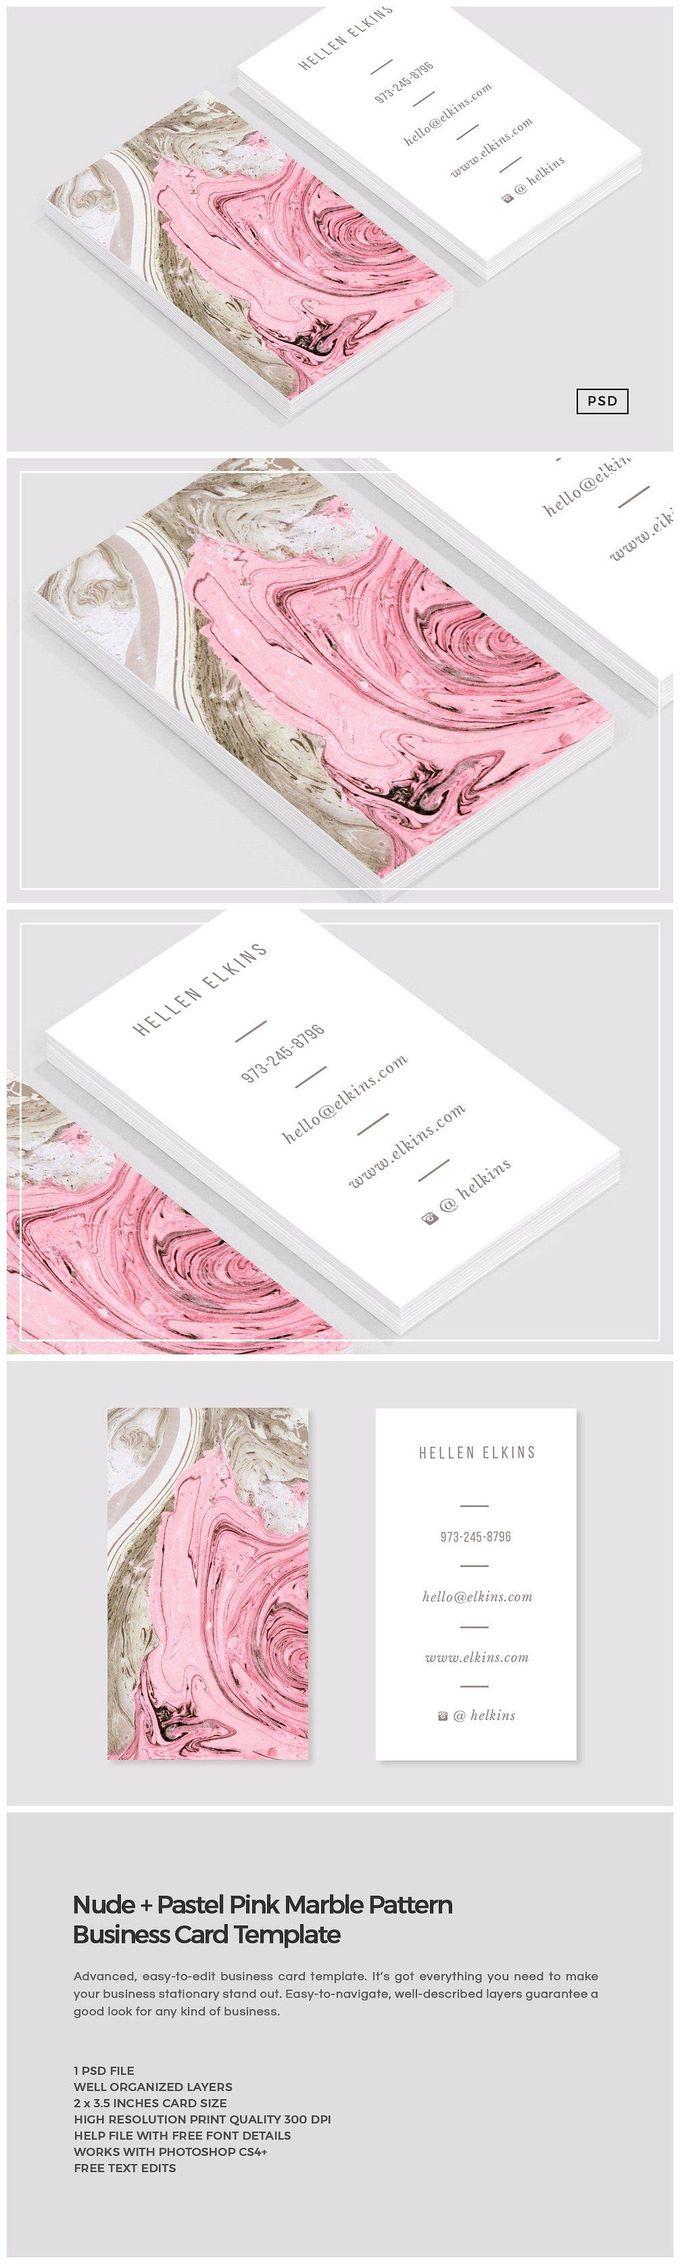 裸体+粉红色大理石名片〜创意市场的名片模板